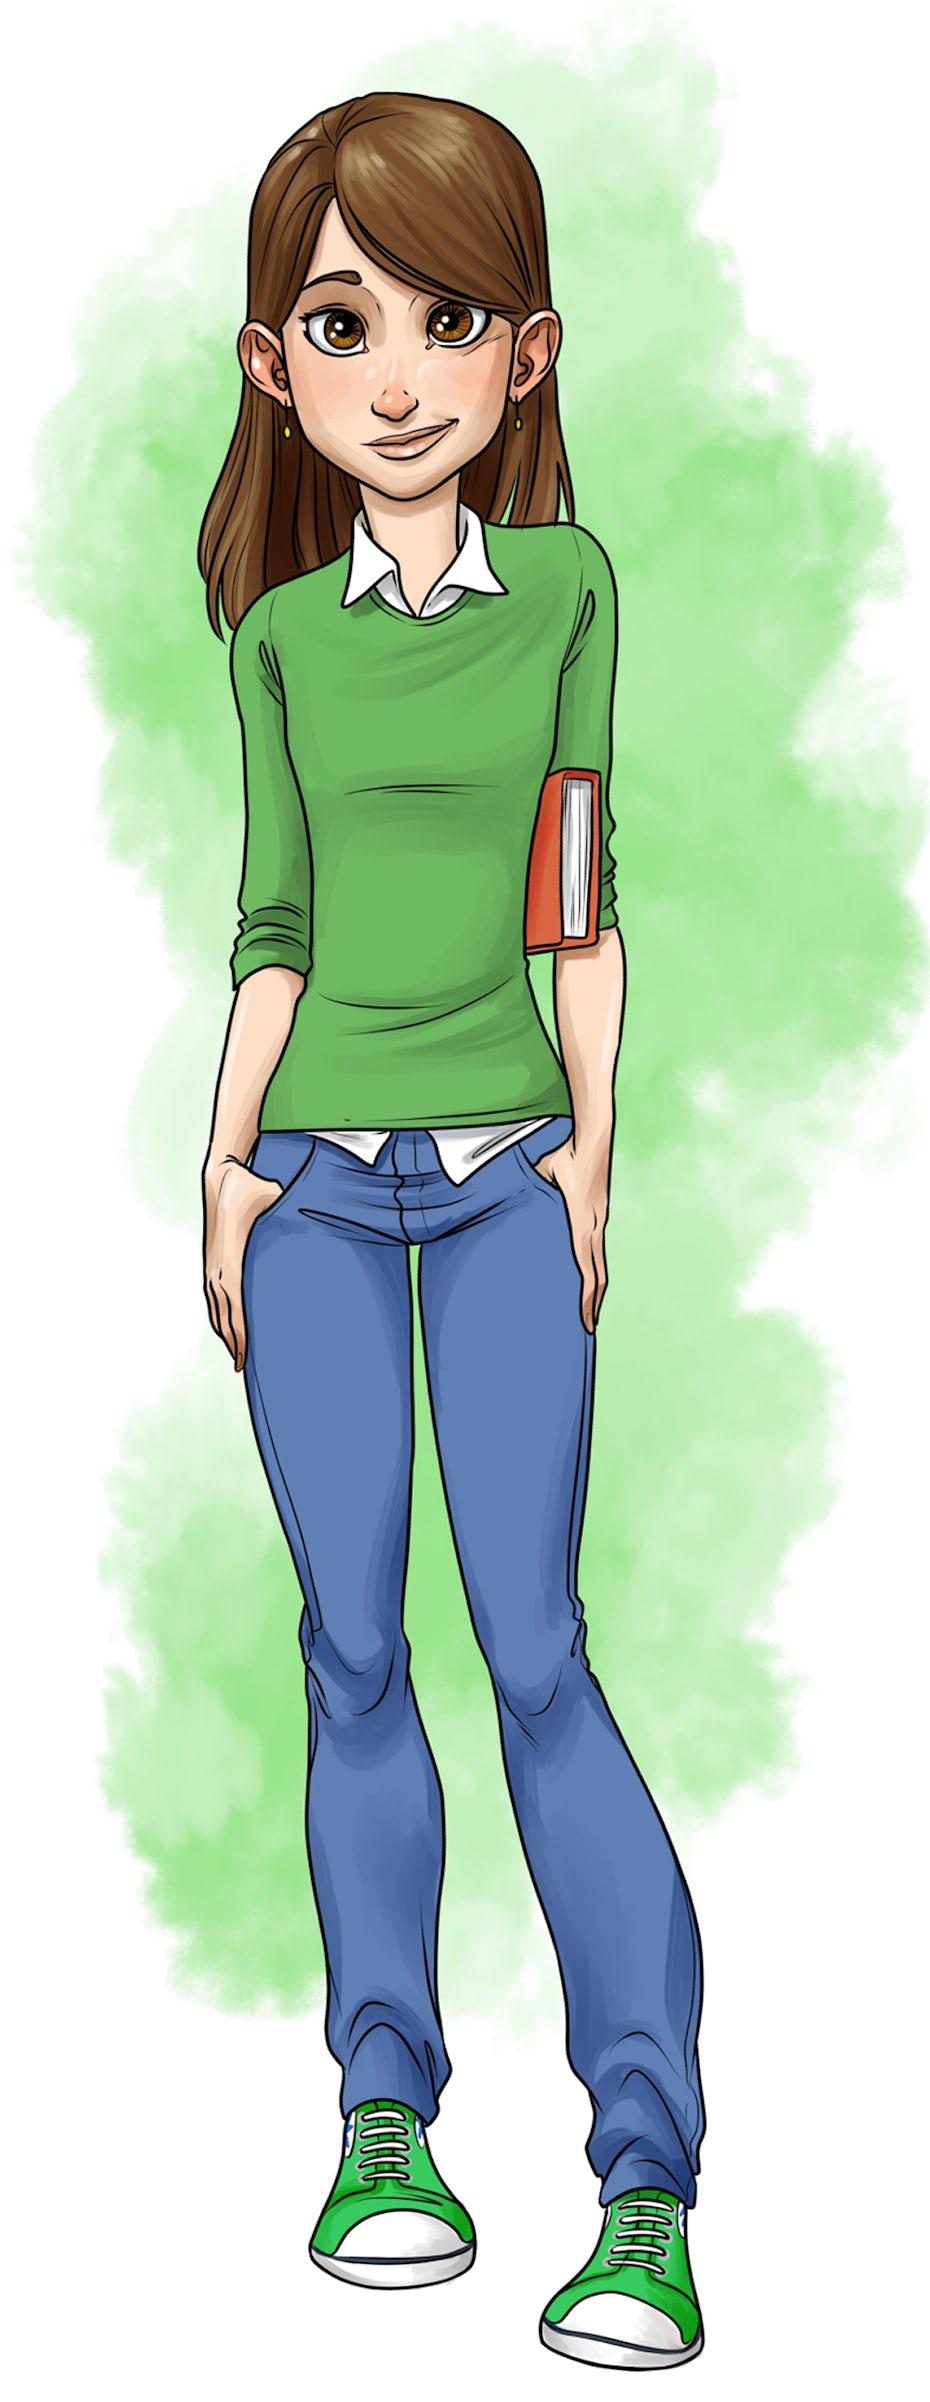 Figurenillustrationsdesign einer Schülerin mit einem Buch